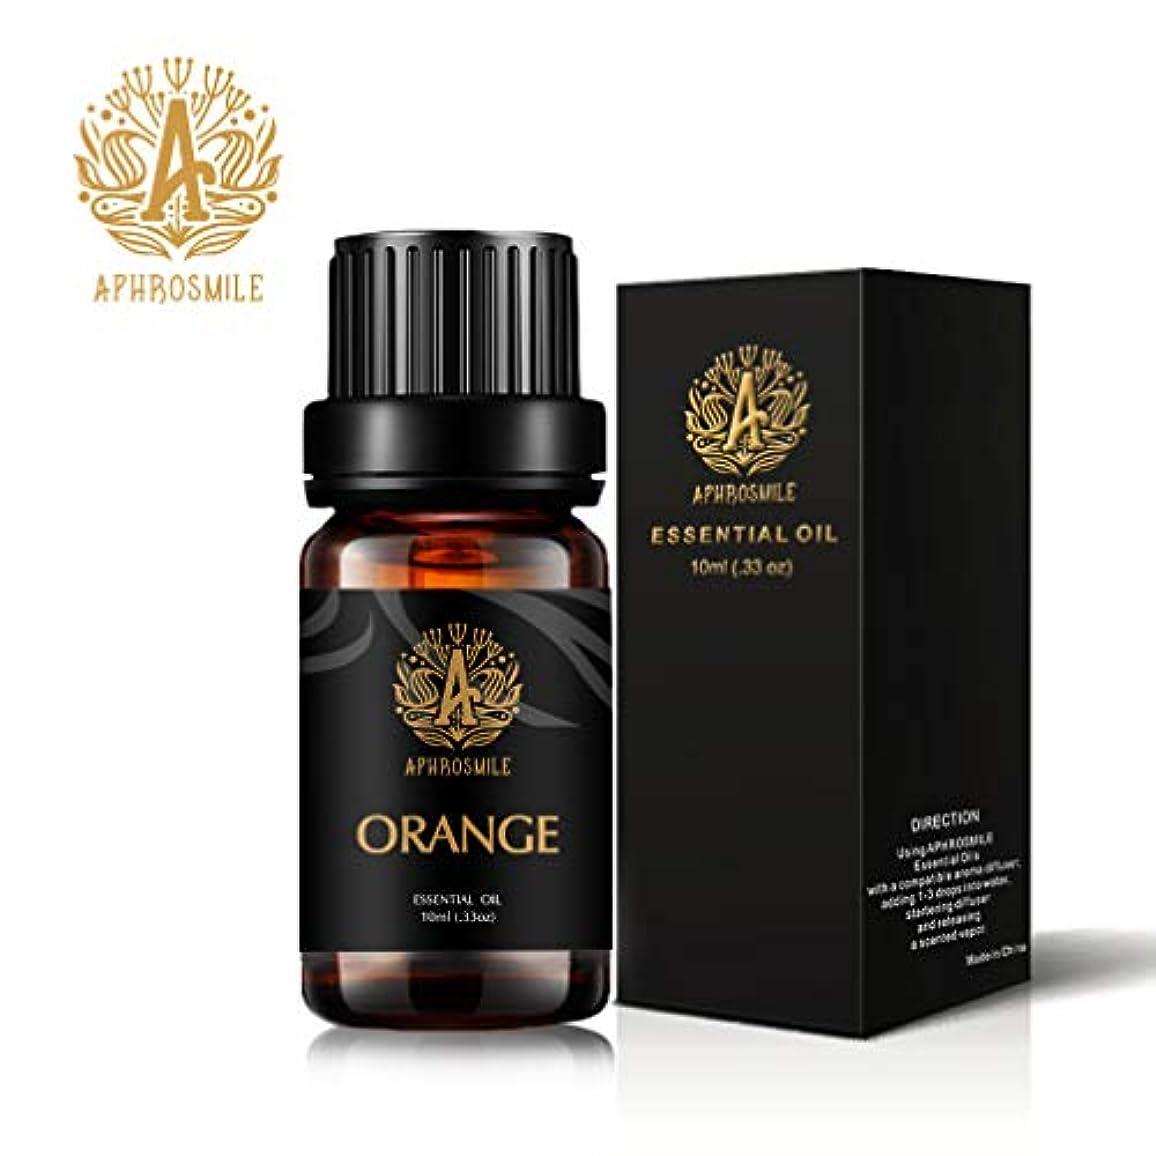 強います加速する差Aphrosmile オレンジ エッセンシャル オイル FDA 認定 100% ピュア オレンジ オイル、有機治療グレードのアロマテラピー エッセンシャル オイル 10mL/0.33oz